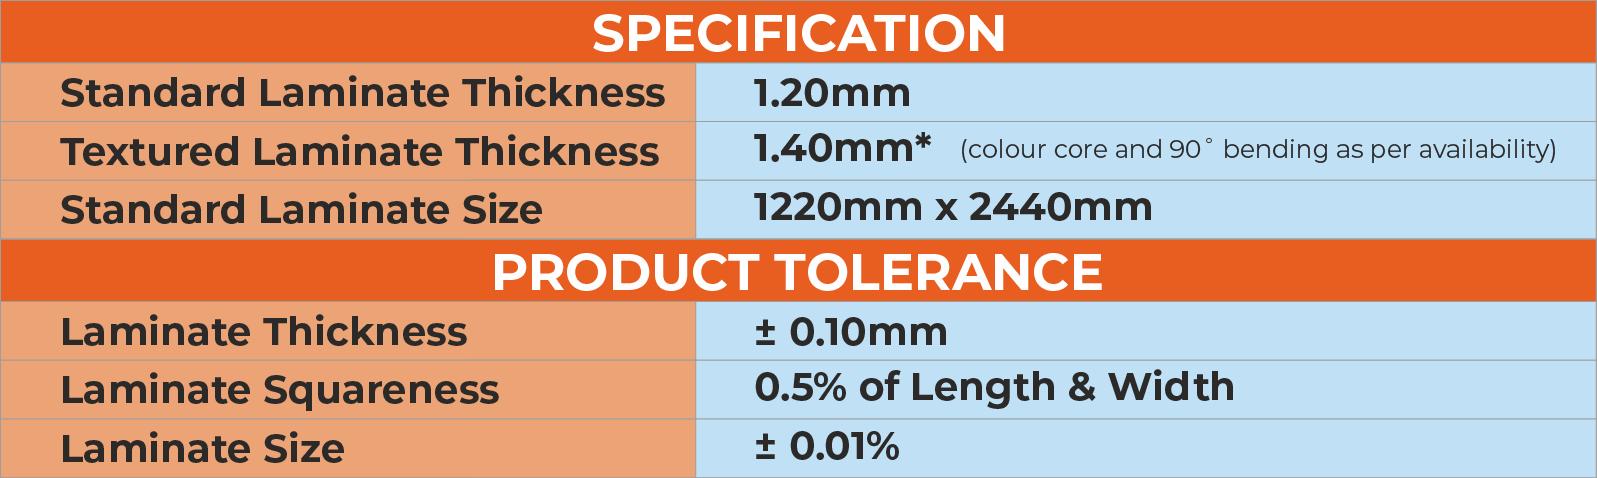 Designer PVC Laminates Specification